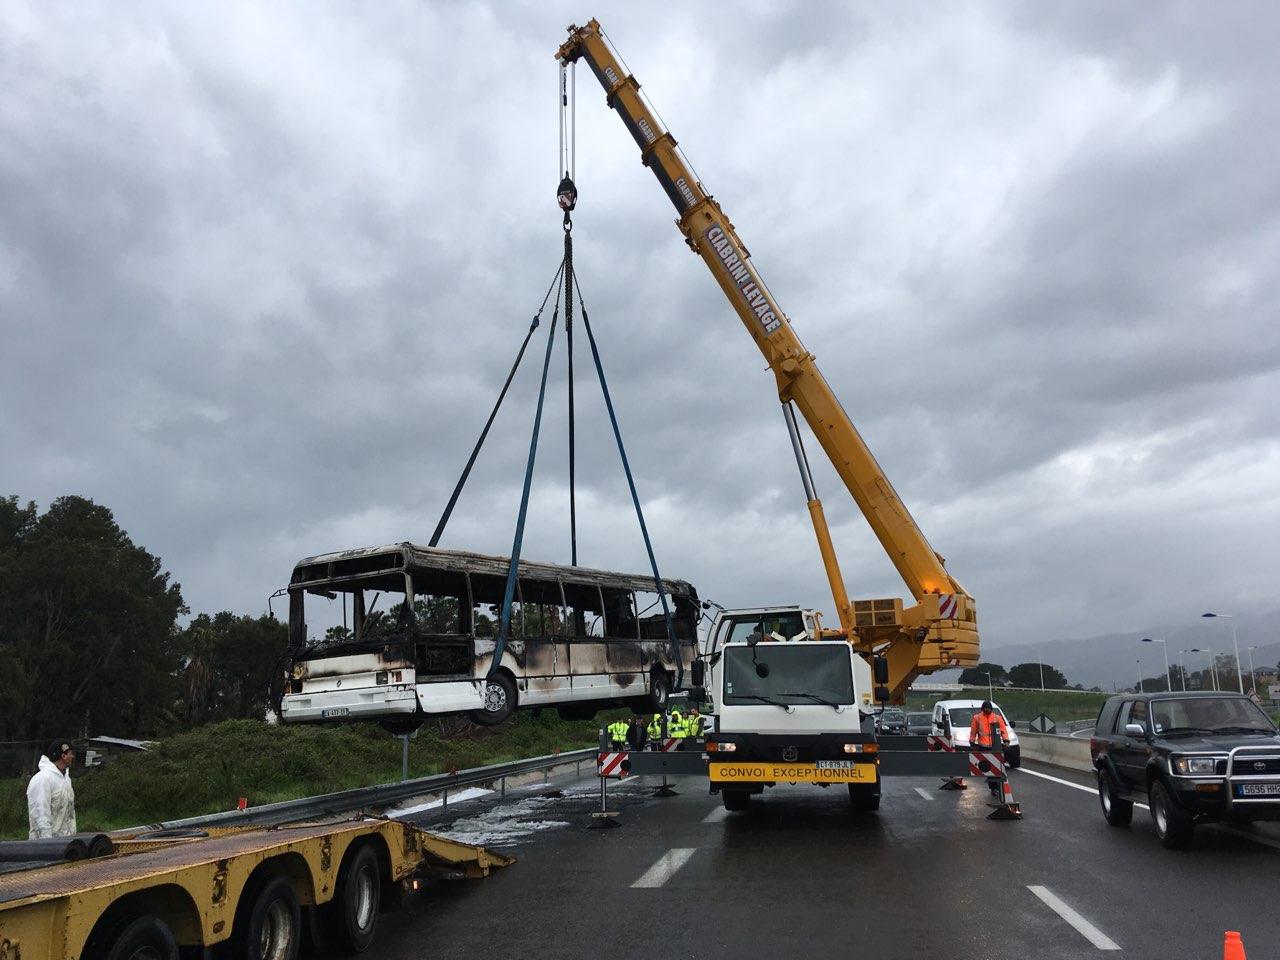 Lucciana : Un bus prend feu. Il n'y a pas de blessé. Une vidéo impressionnante